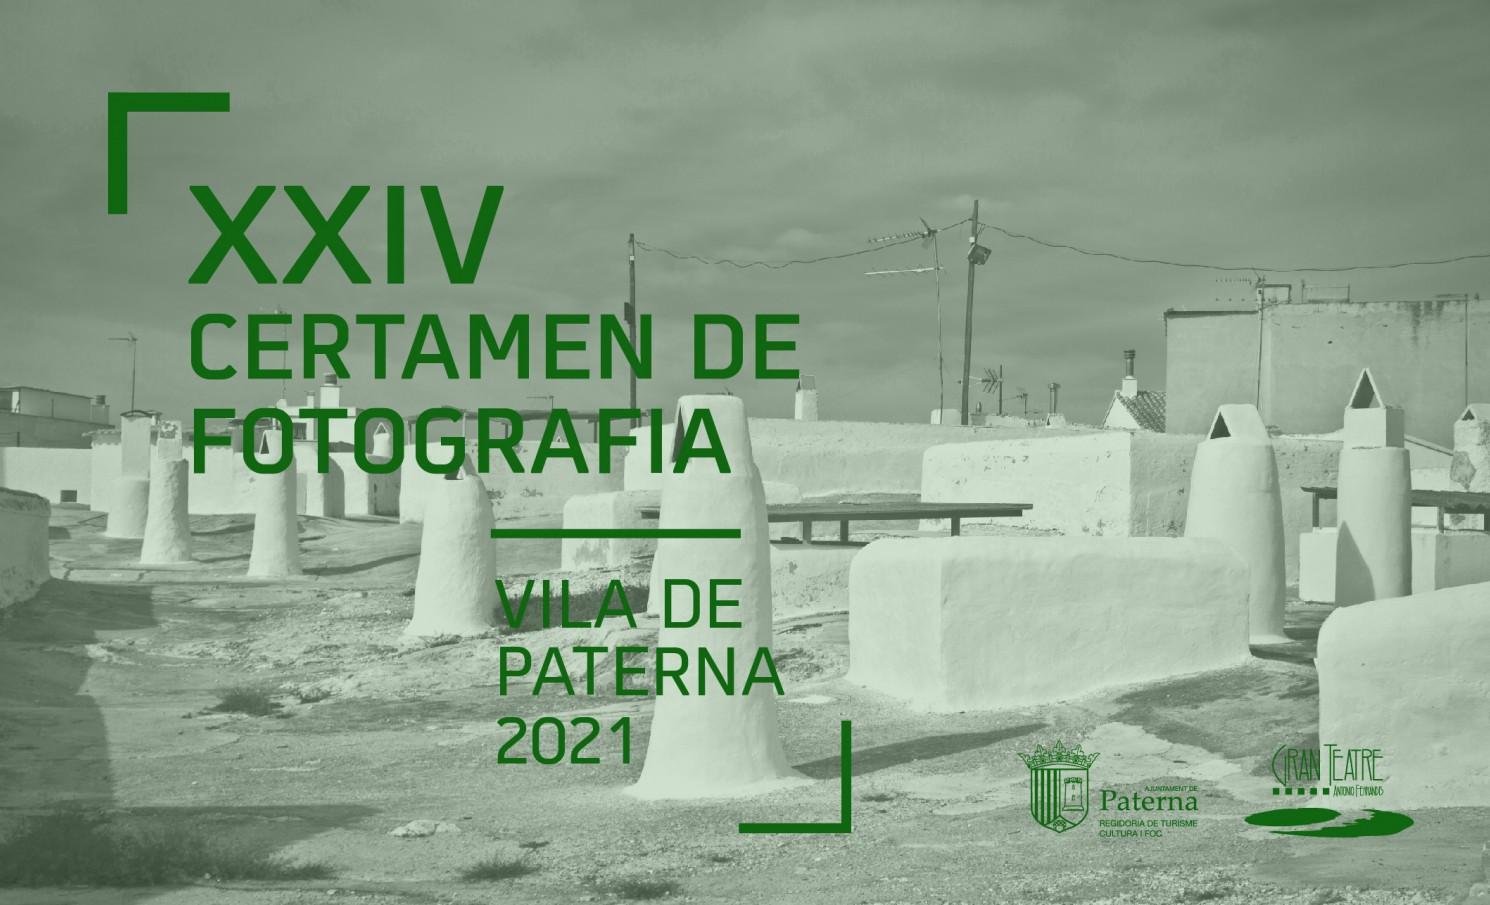 XXIV CERTAMEN DE FOTOGRAFÍA VILA DE PATERNA 2021